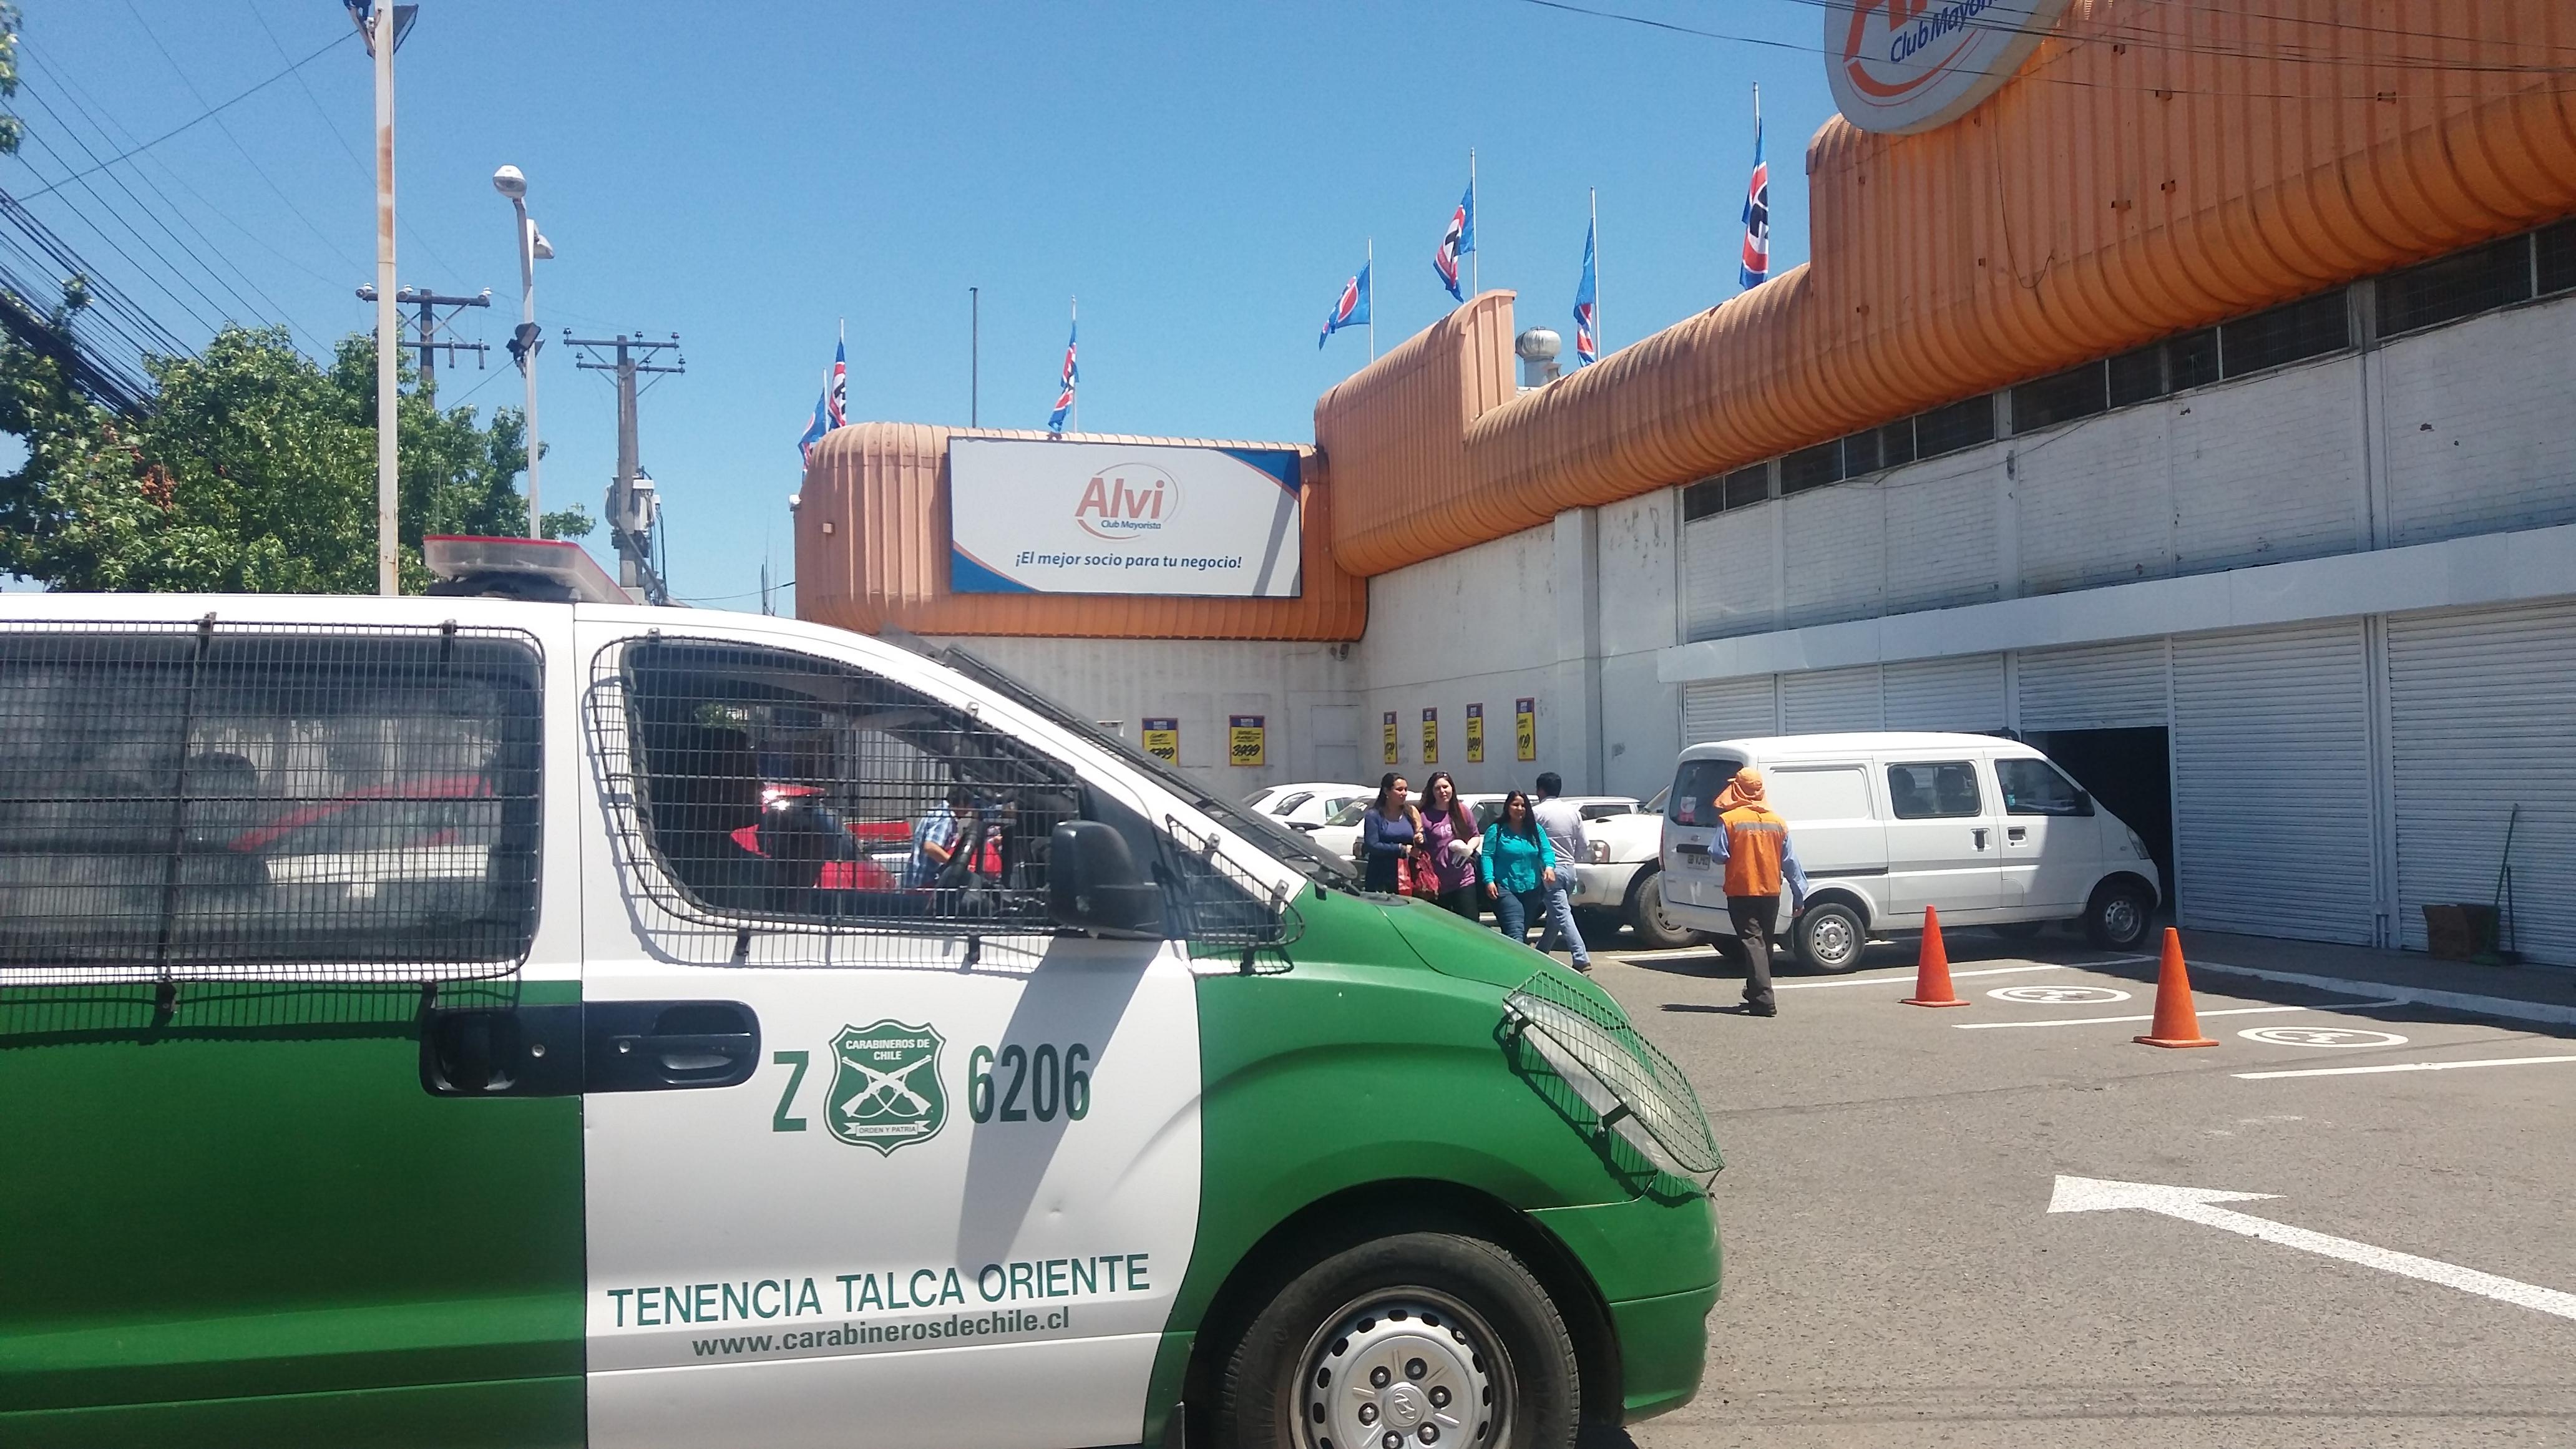 CARABINEROS LOGRA FRUSTRAR ROBO EN SUPERMERCADO ALVIS FRENTE AL TERMINAL DE BUSES DE TALCA.